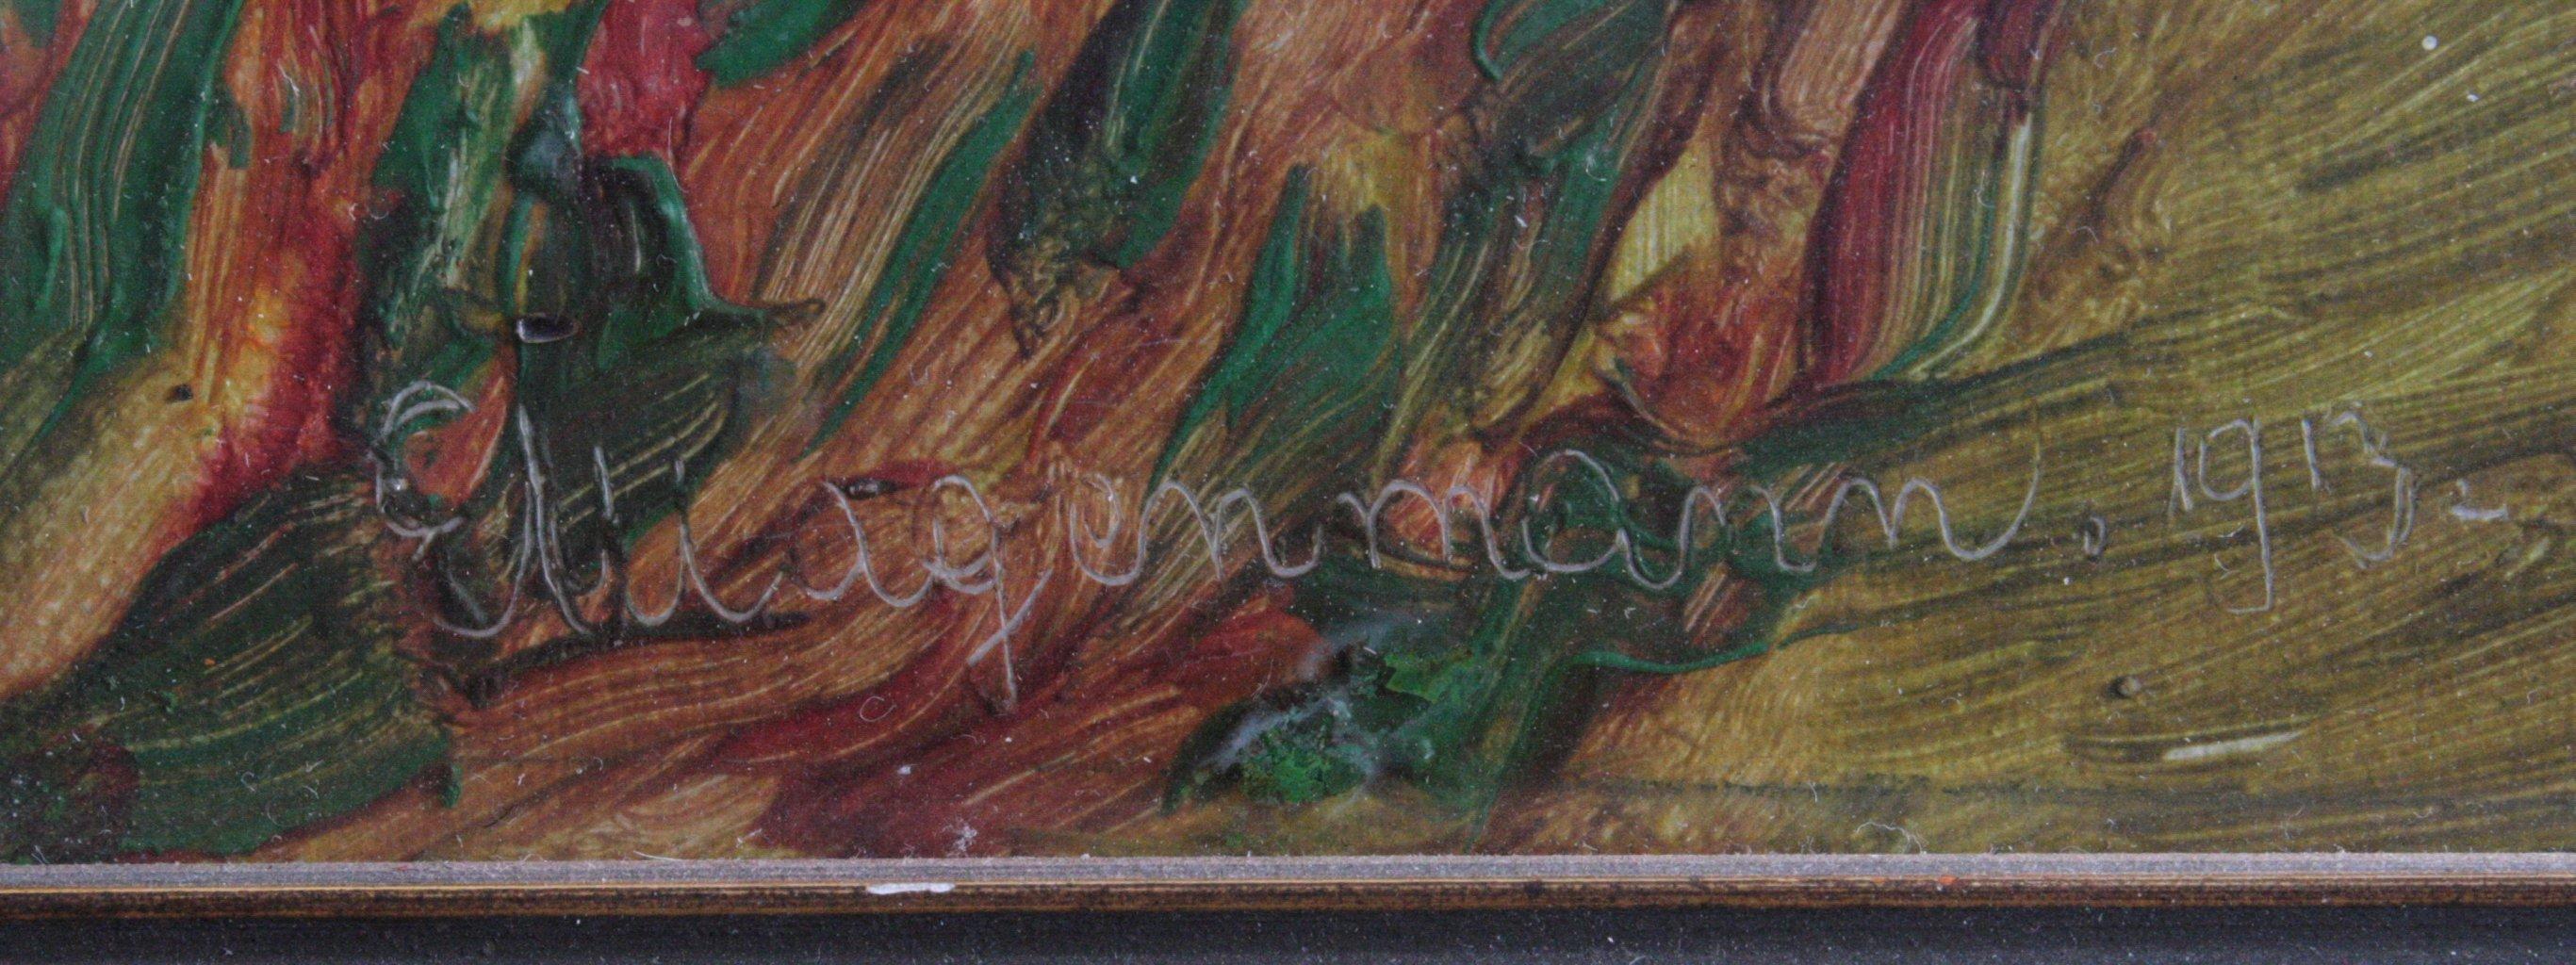 W. Wagenmann ?-?, 'Sommerliche Landschaft'-2